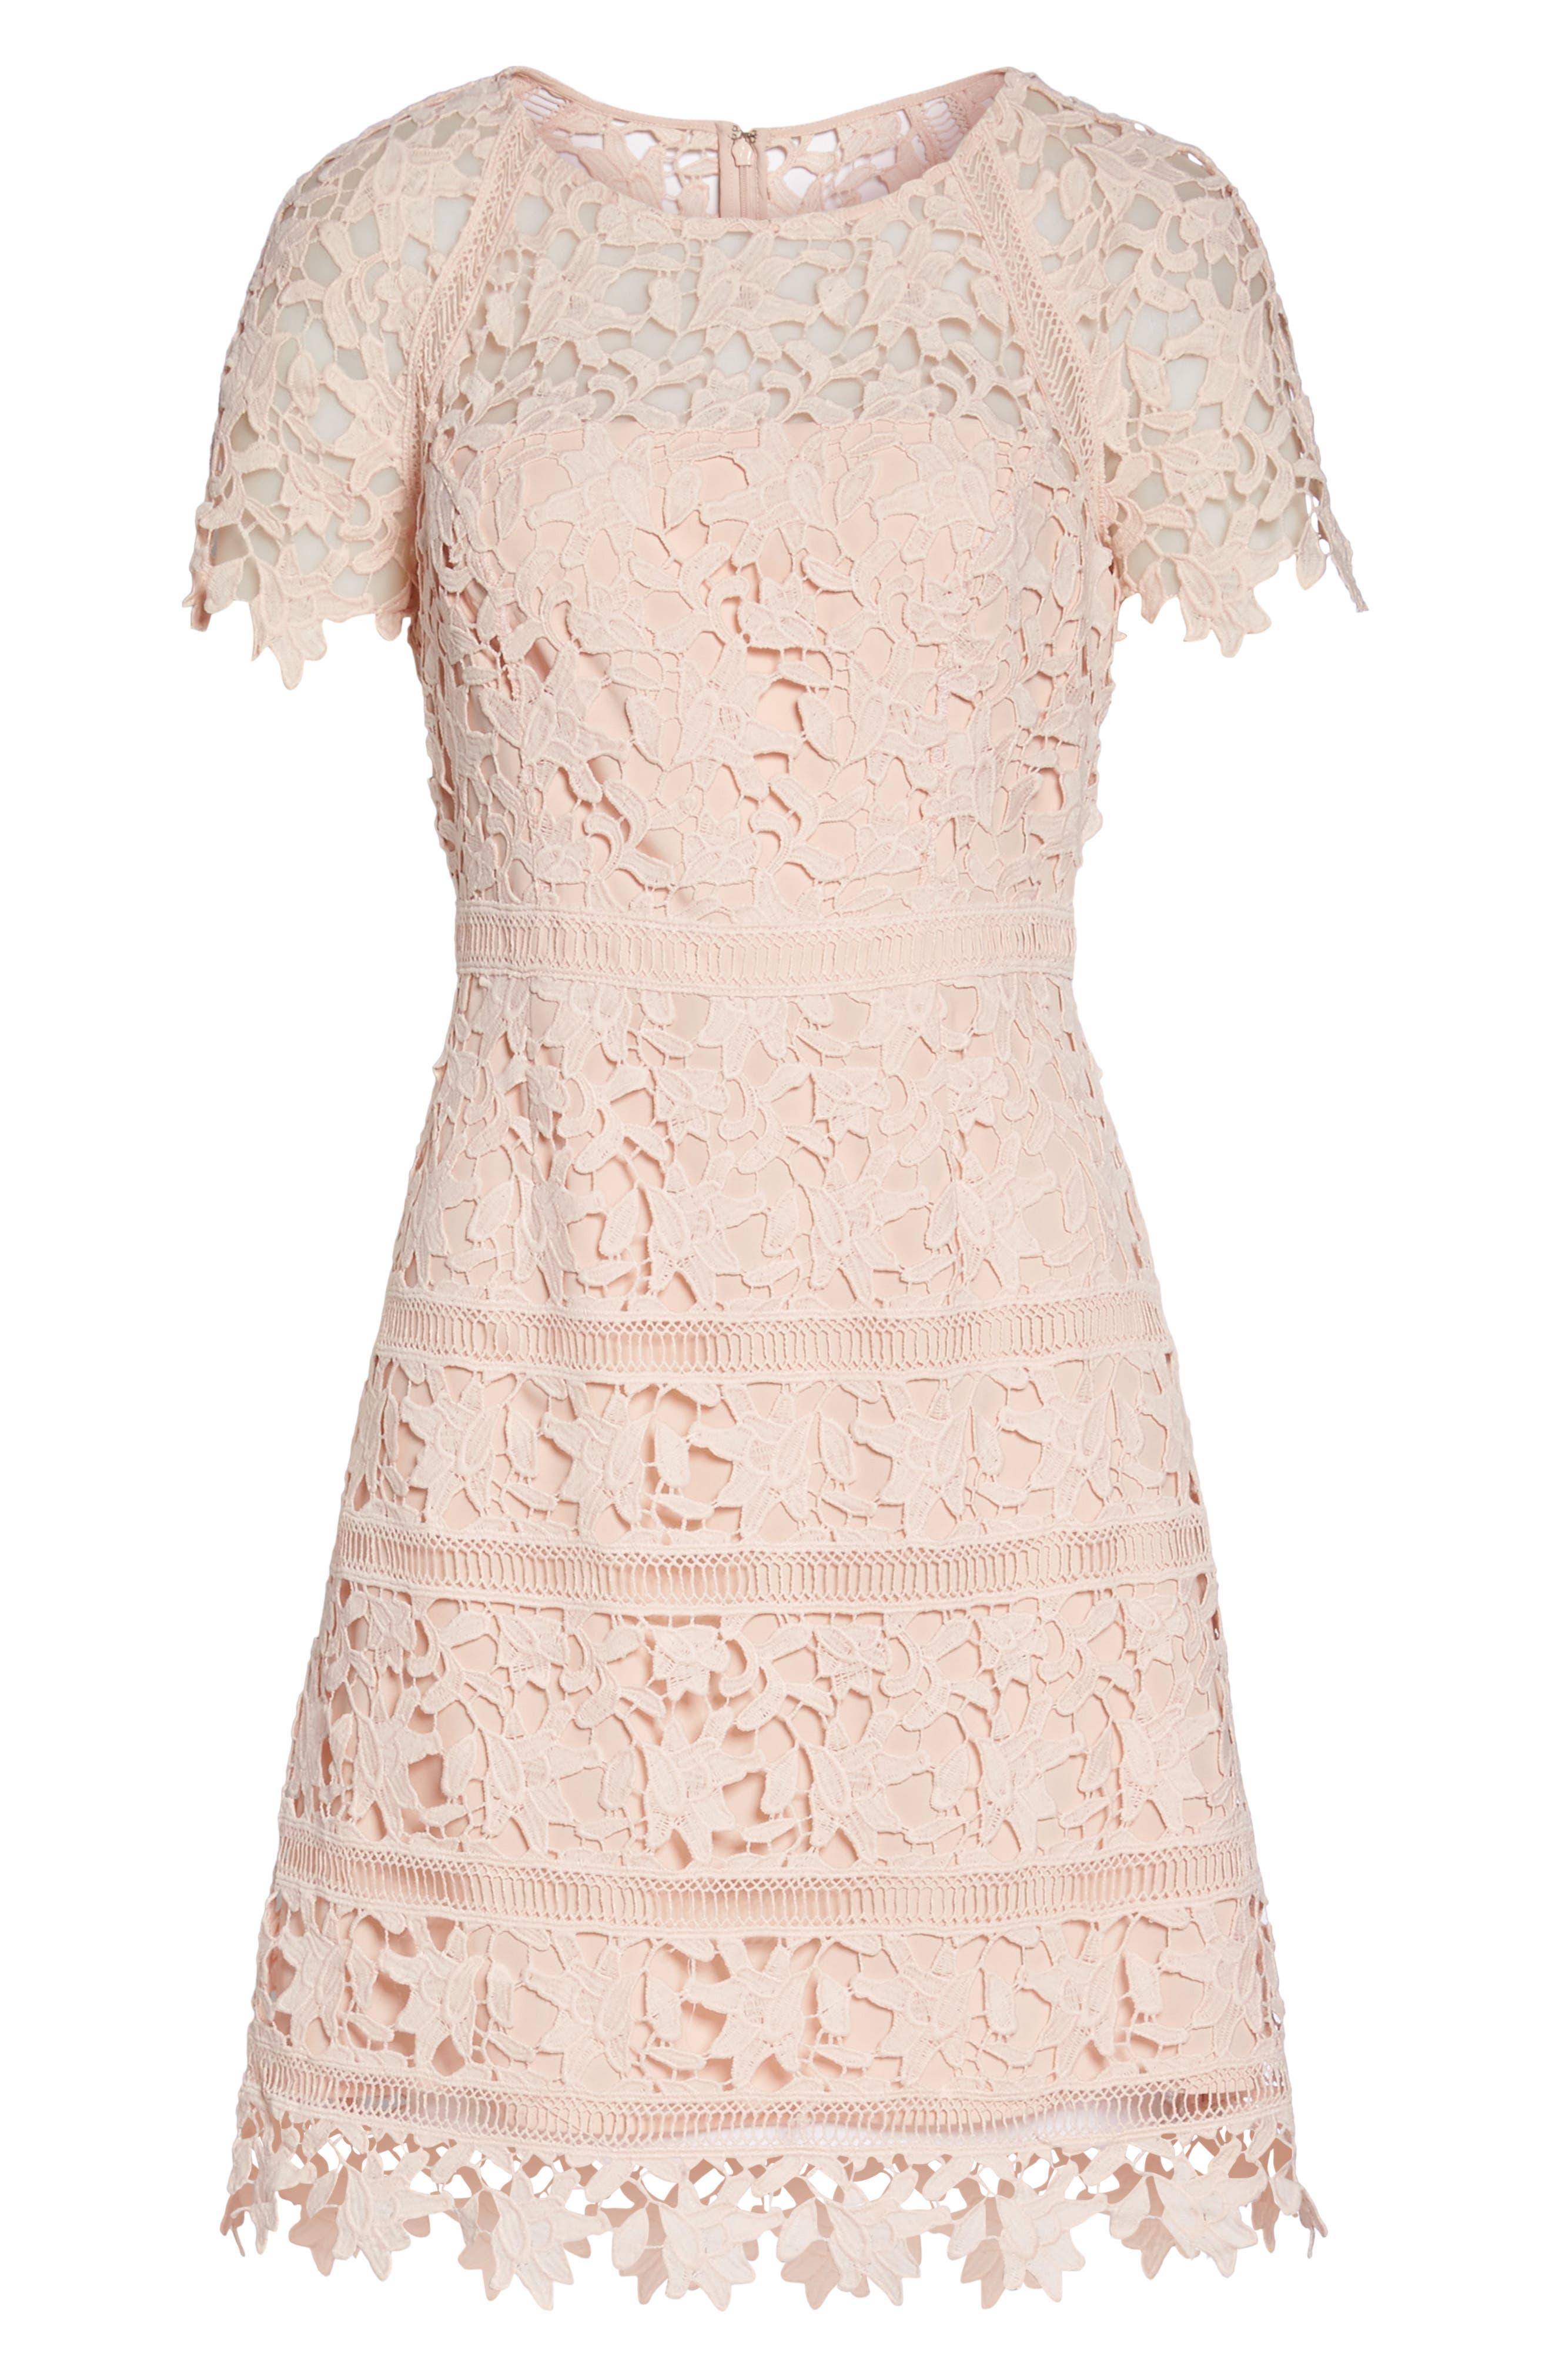 Crochet Overlay Dress,                             Alternate thumbnail 10, color,                             Blush